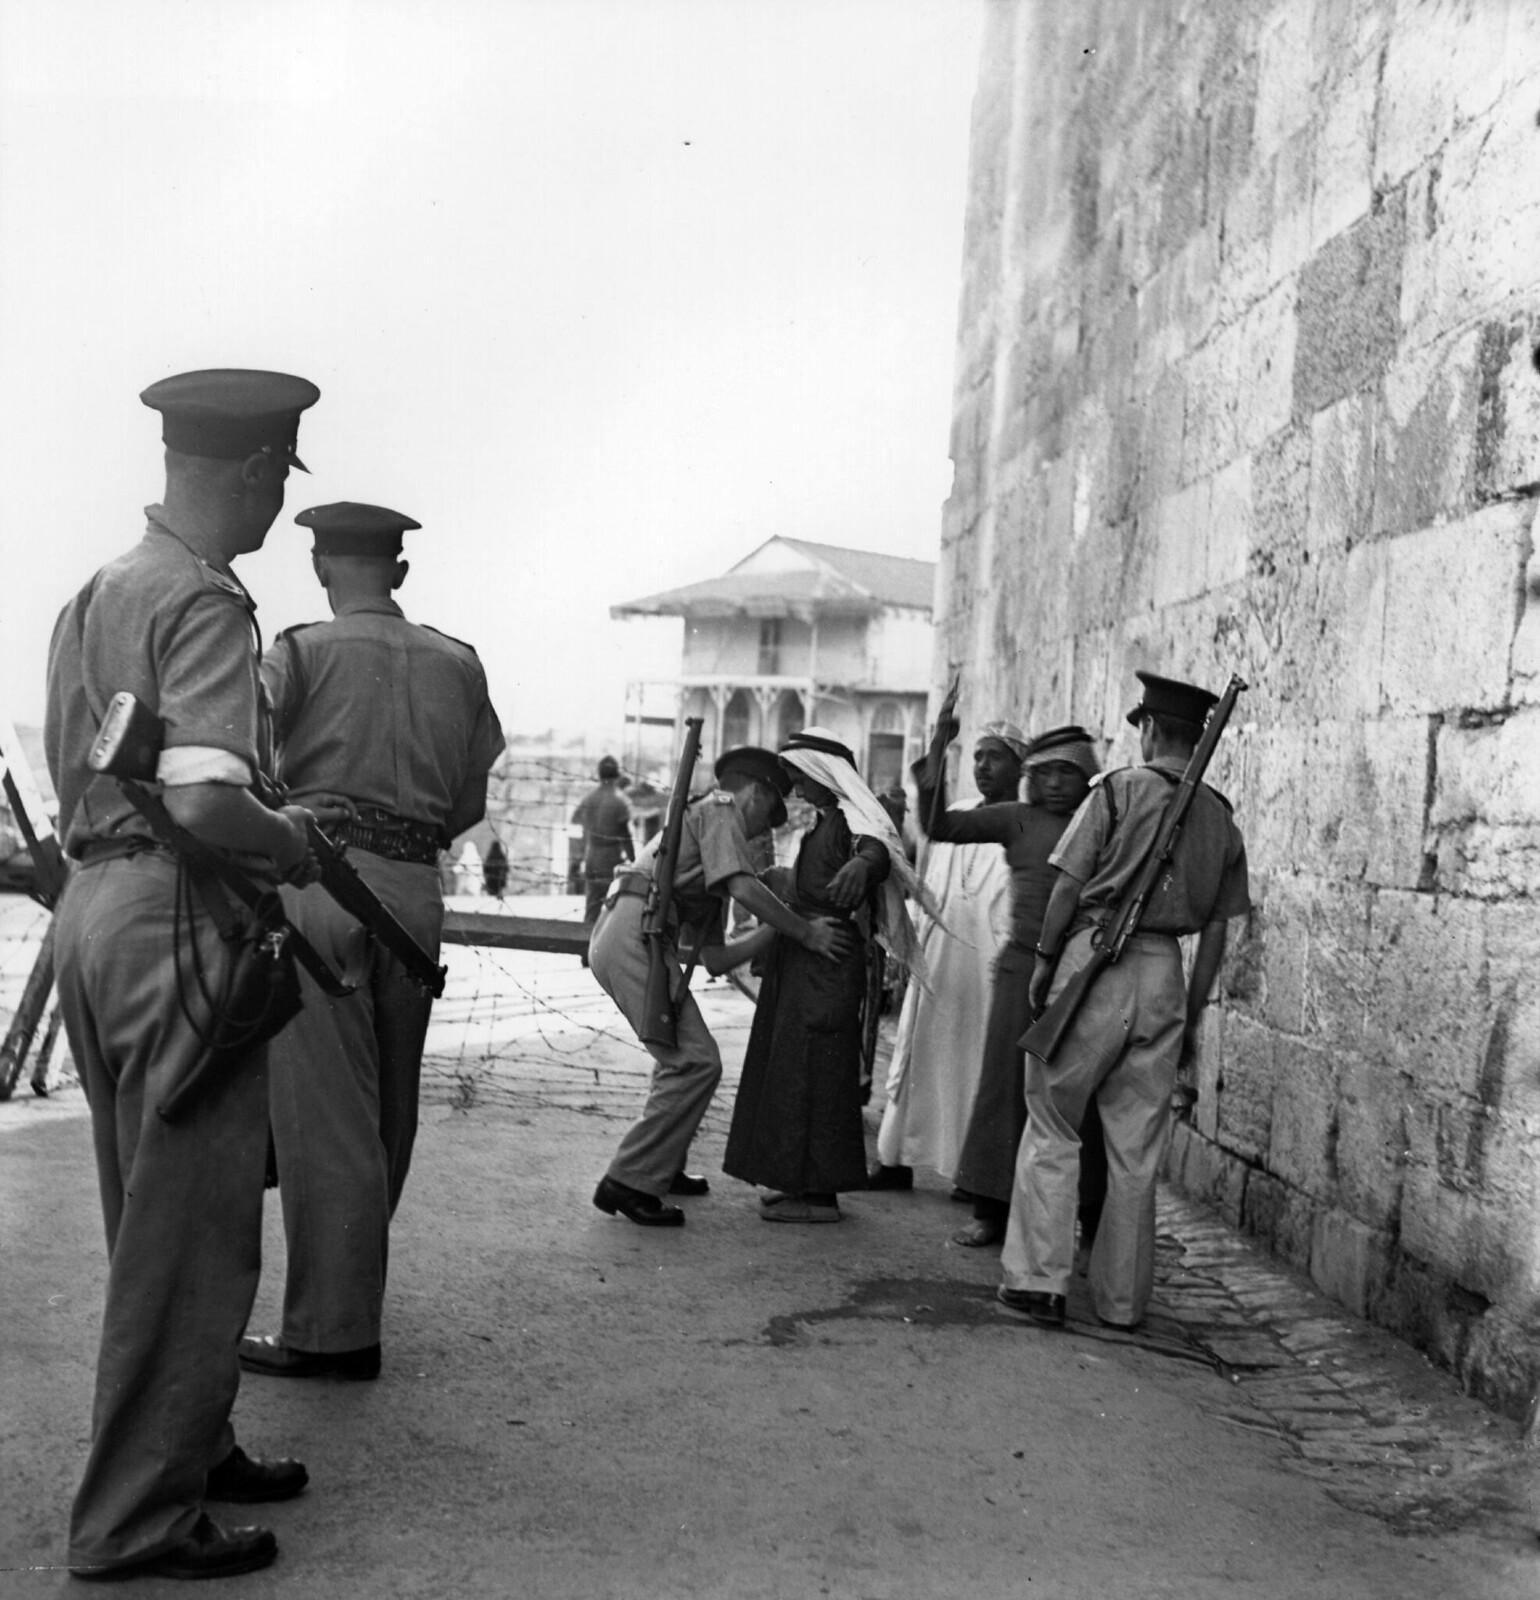 07. 1938. Британские войска обыскивают арабов в Иерусалиме во время комендантского часа. Октябрь